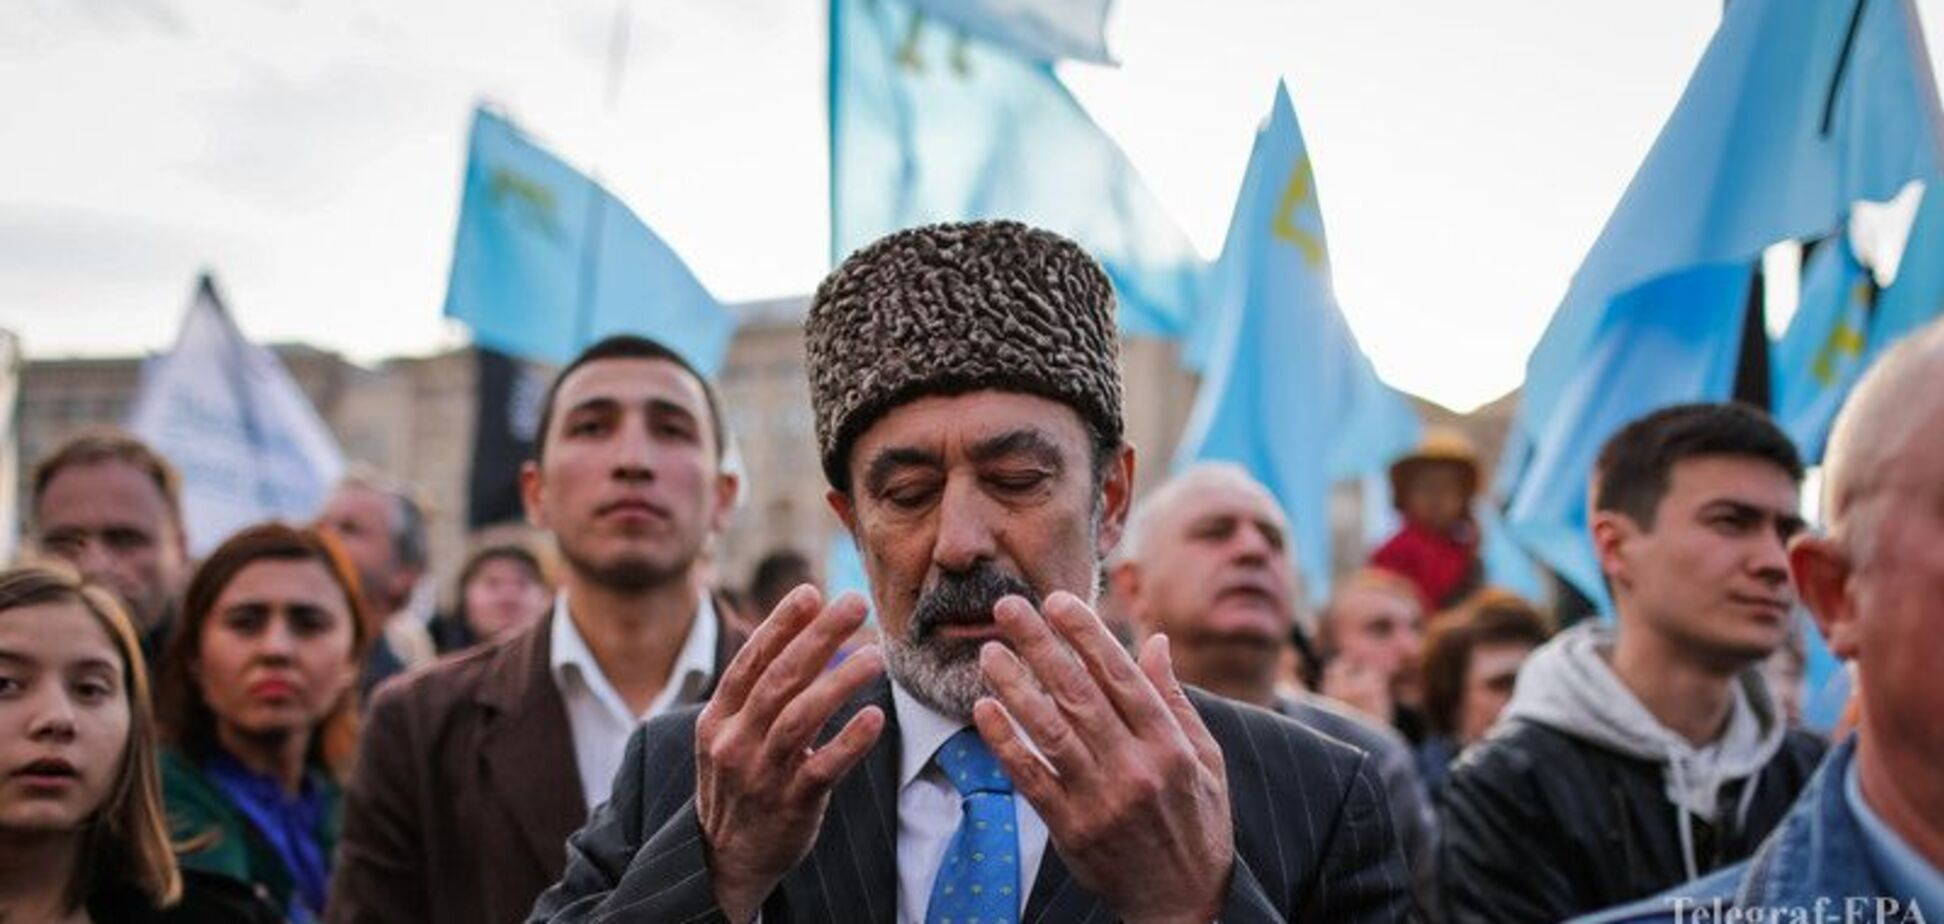 Независимость Крыму? Это дискредитация крымскотатарской автономии